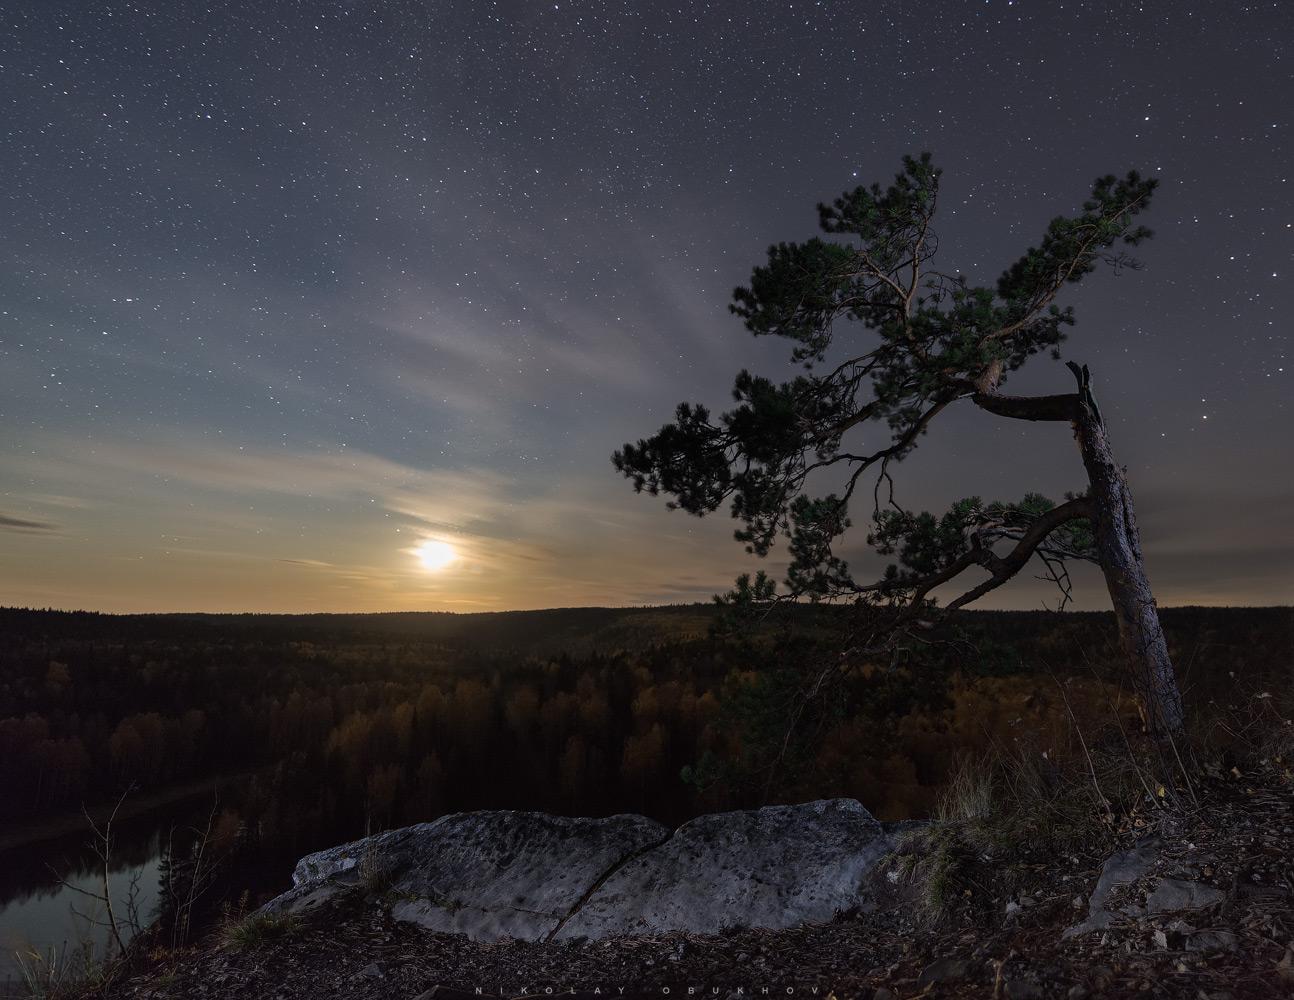 Фото 2. Закат луны на Камне Омутной. Камера Nikon D610 с объективом Nikon AF-S NIKKOR 18-35mm f/3.5-4.5G ED. Небо: 18 mm, ISO 3200, f/3.5, 20 s, 8 кадров. Земля: 18 mm, ISO 100, f/8.0, 20 s, 3 кадра с подсветкой.